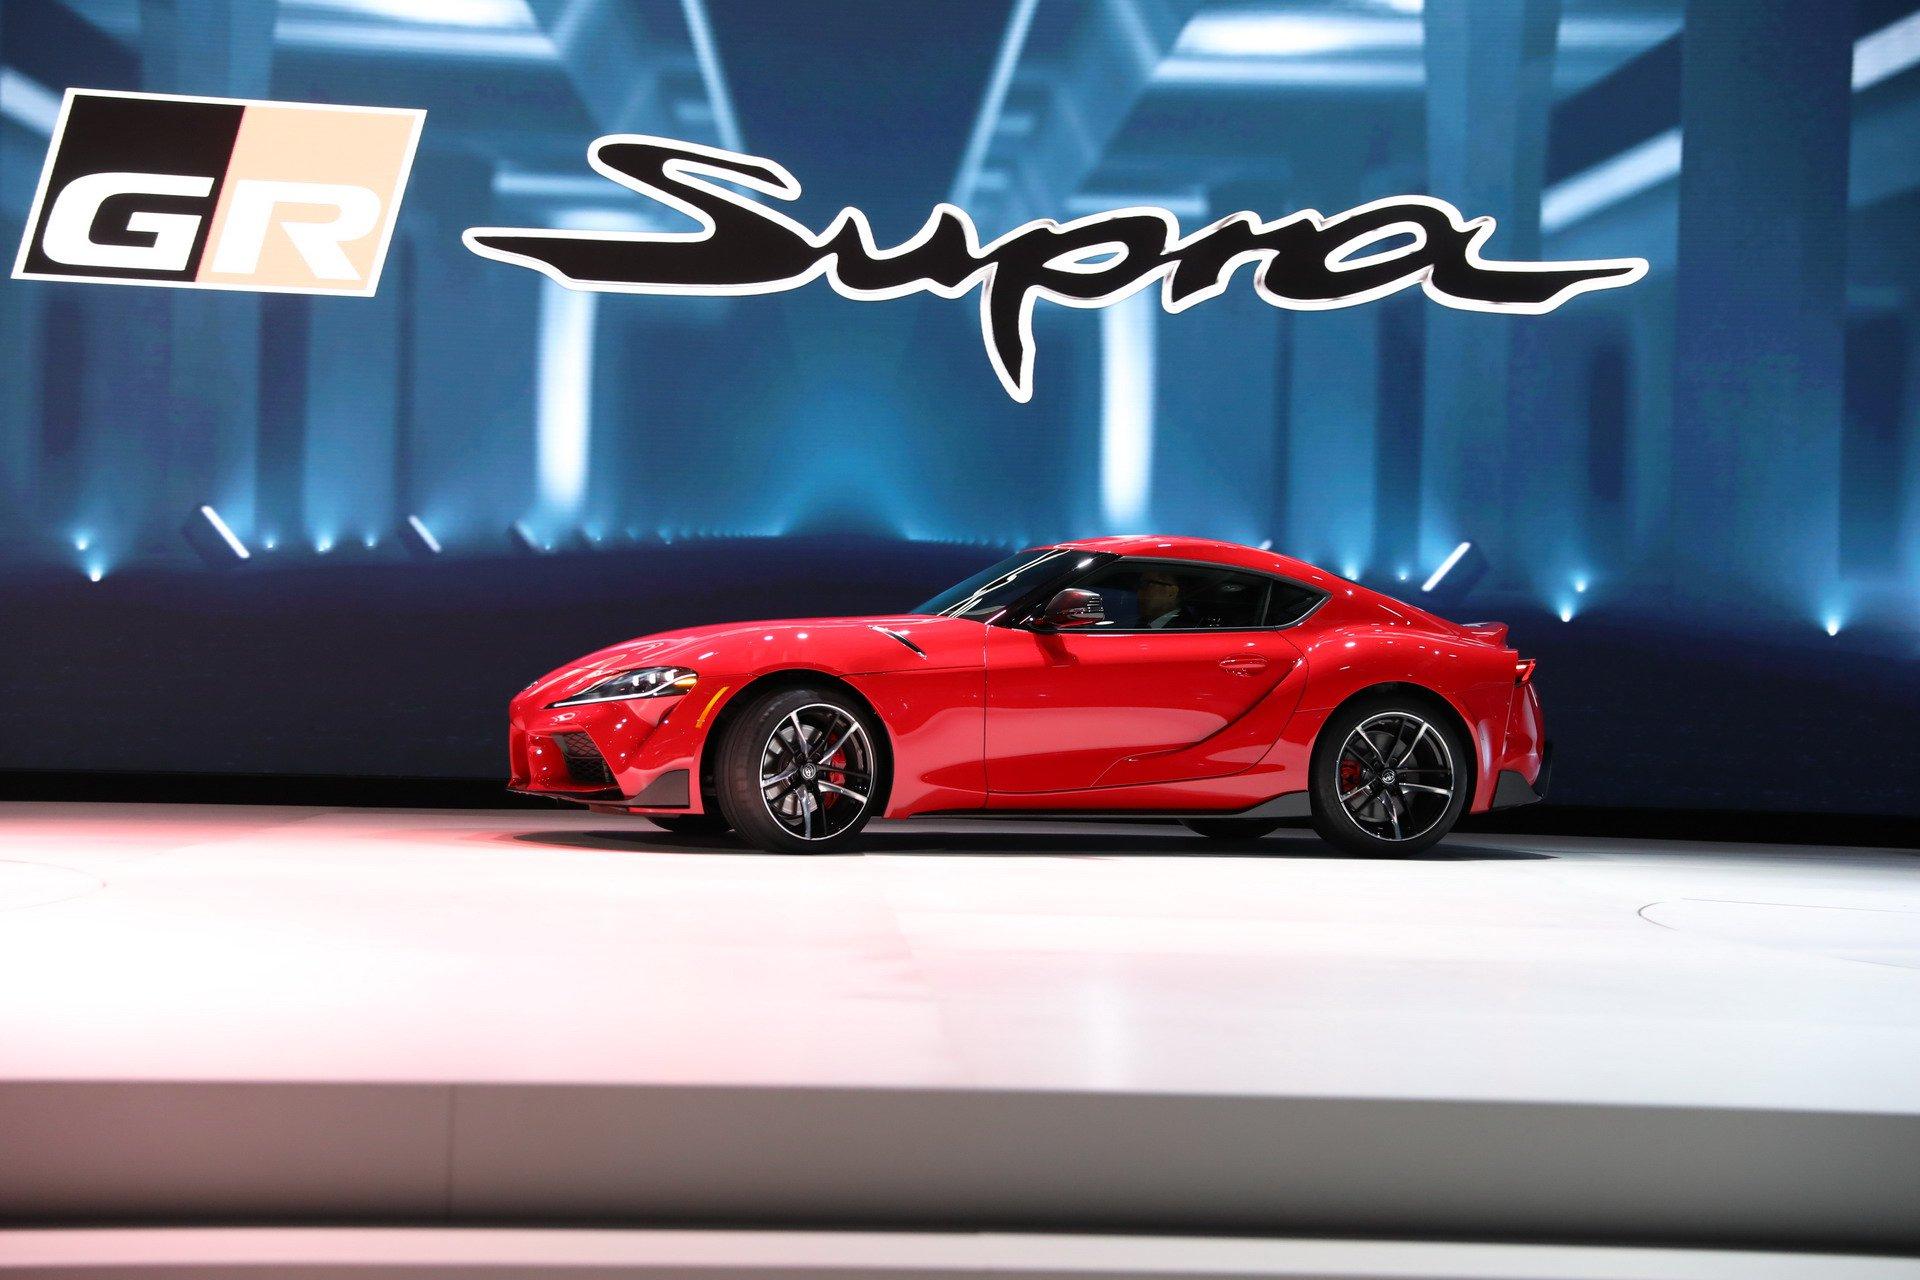 トヨタ「スープラ」発表!スペックとグレードを勝手にインプレしてみた件!